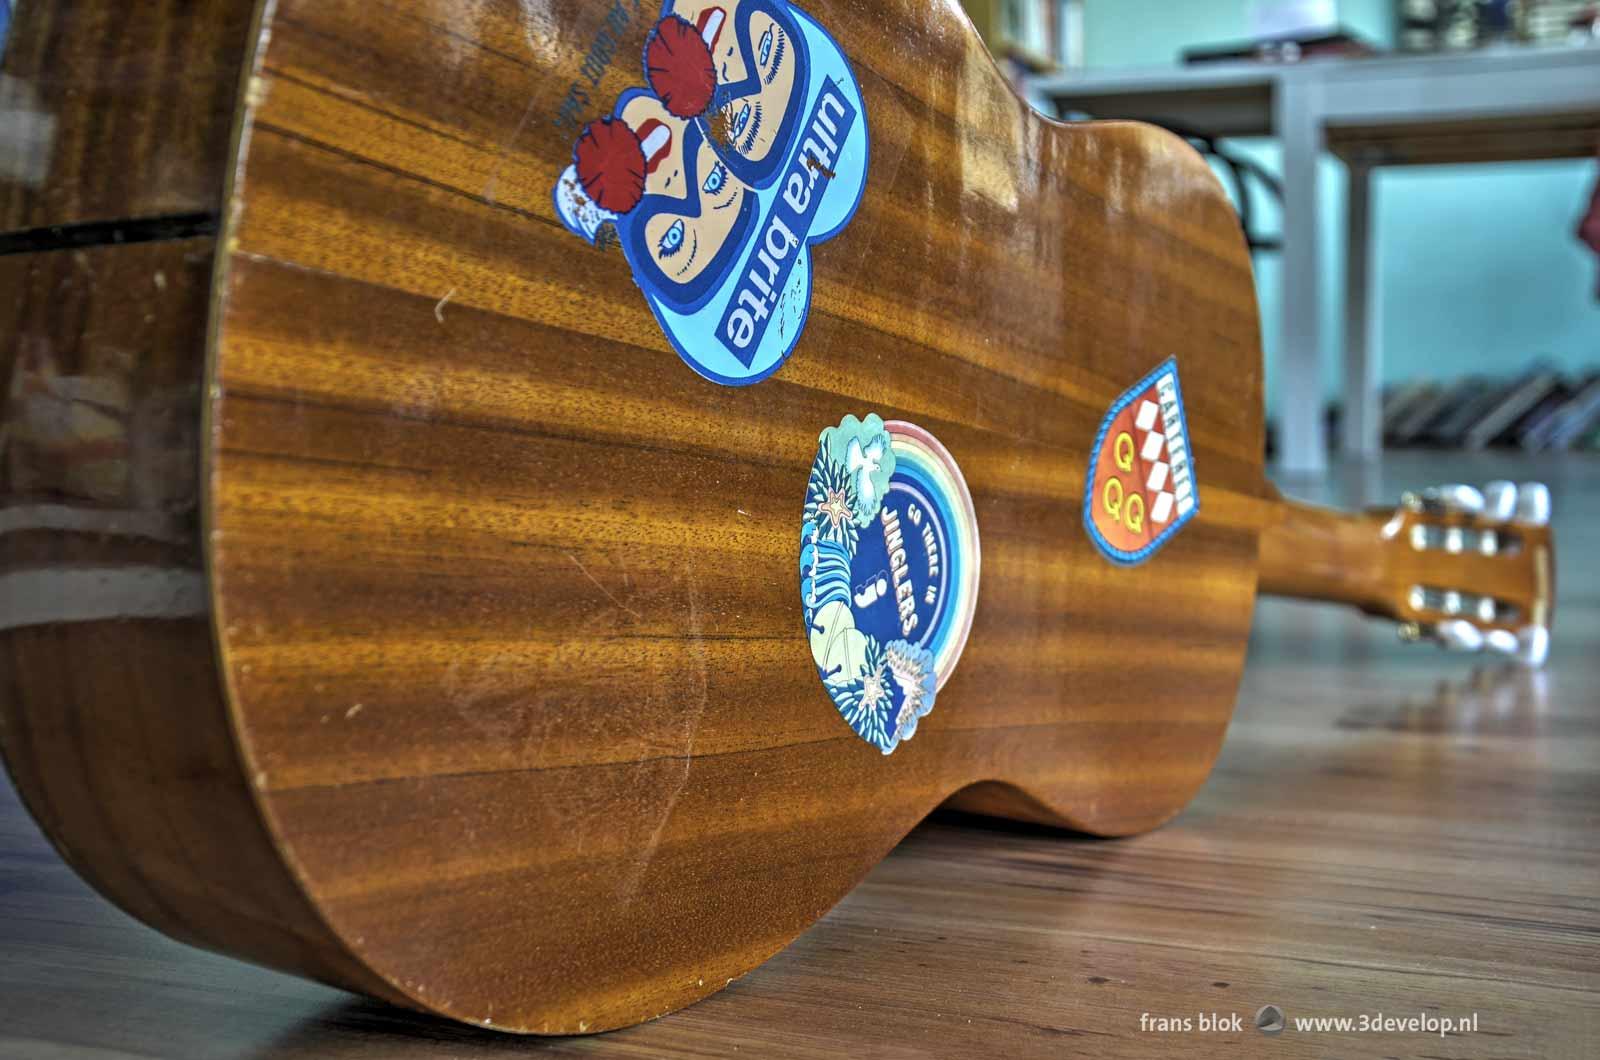 Stickers uit de jaren zestig op de rug van een akoestische gitaar